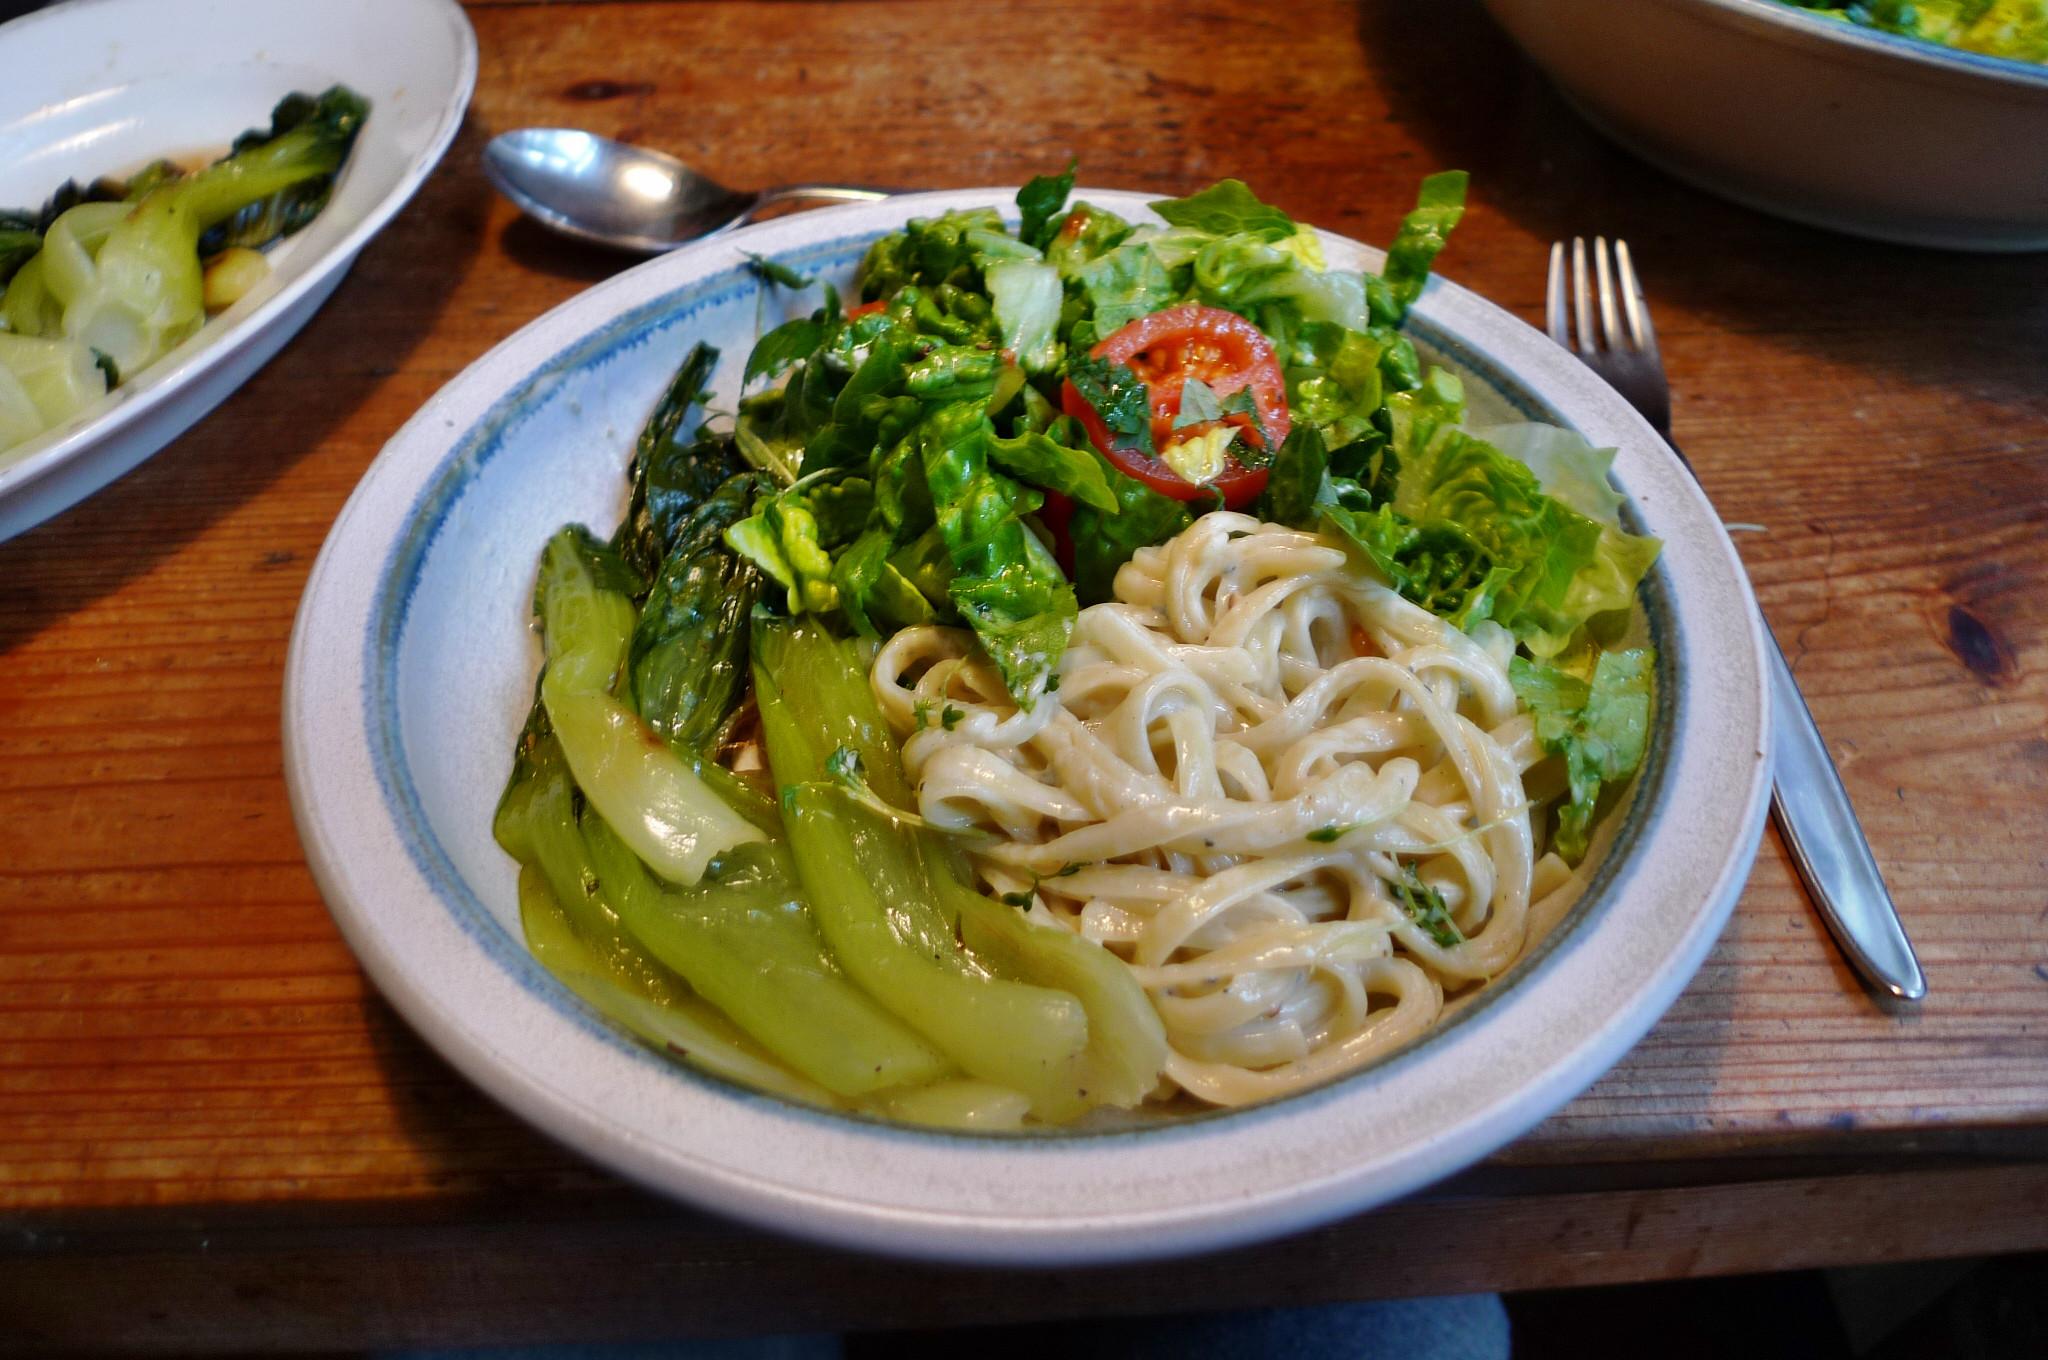 Nudeln mit Gorgonzola,Pak Choy,Salat, - 1.3.2015   (14)